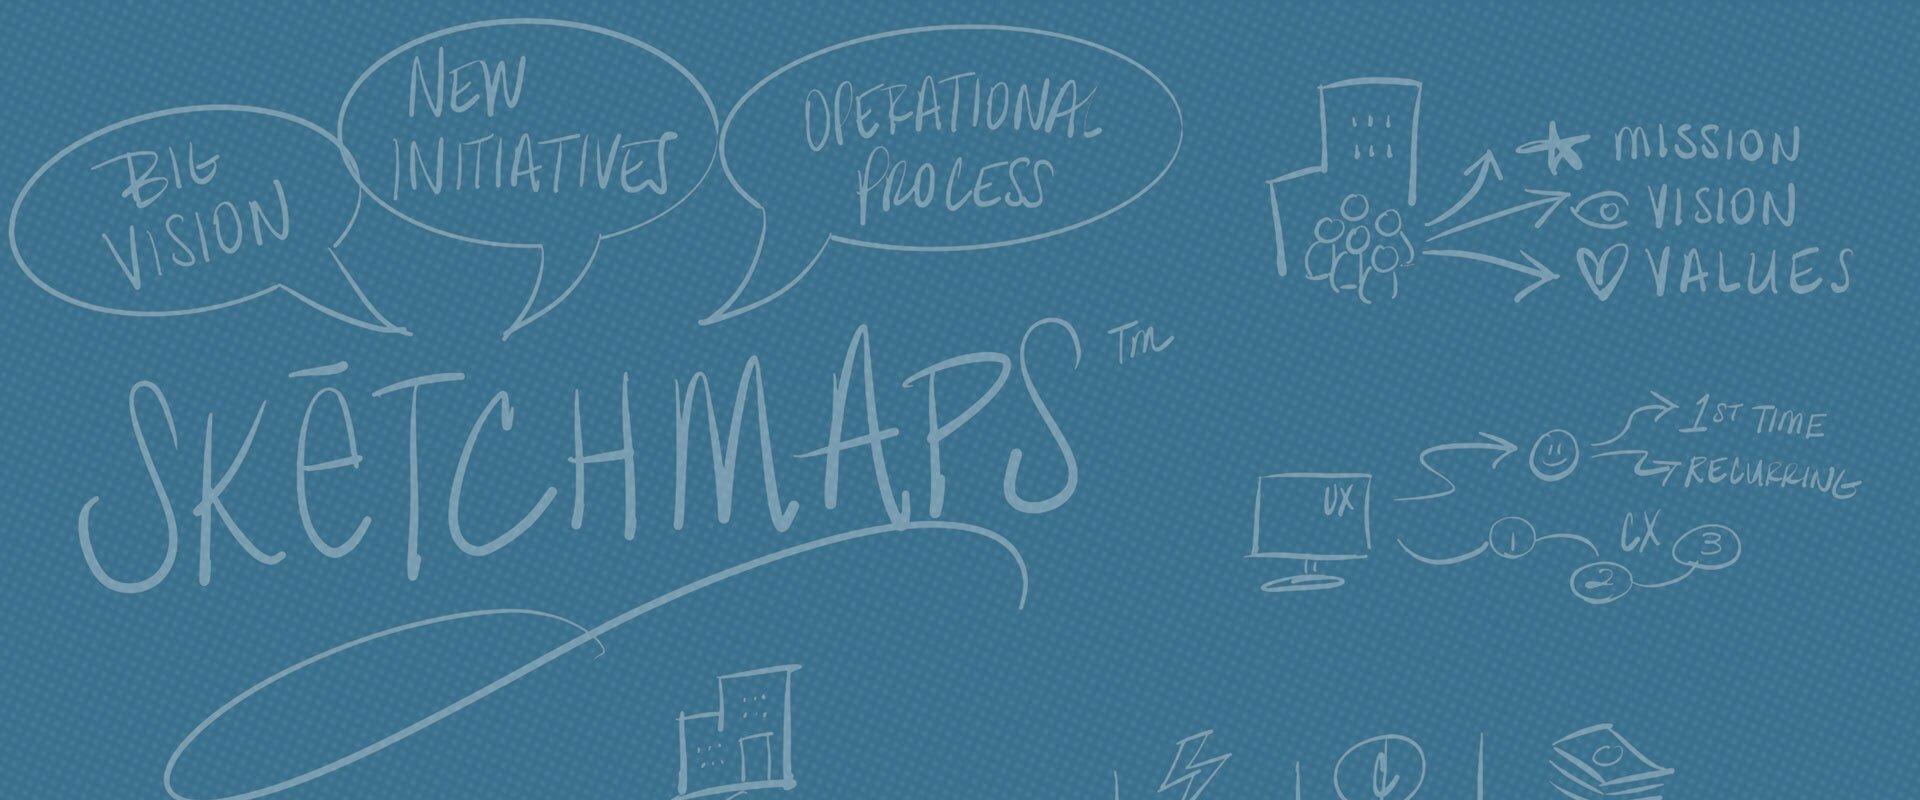 1-of-3-nocrop-sketchmaps-1